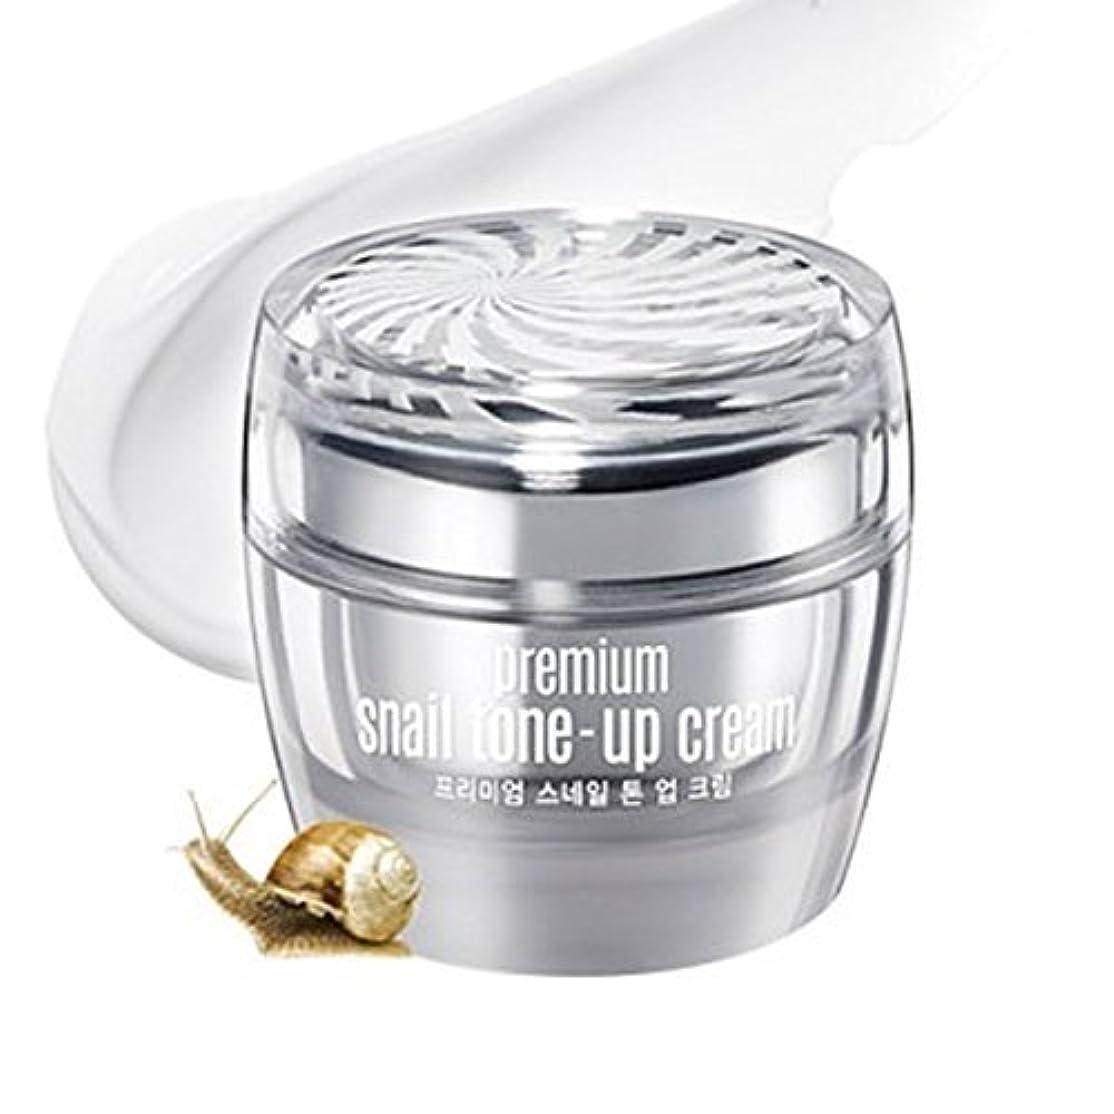 分布付き添い人ほとんどないグーダル プレミアム スネイル トーンアップ クリーム CLIO Goodal Premium Snail Tone Up Whitening Cream 50ml(1.69oz)/Korea Cosmetic [並行輸入品]